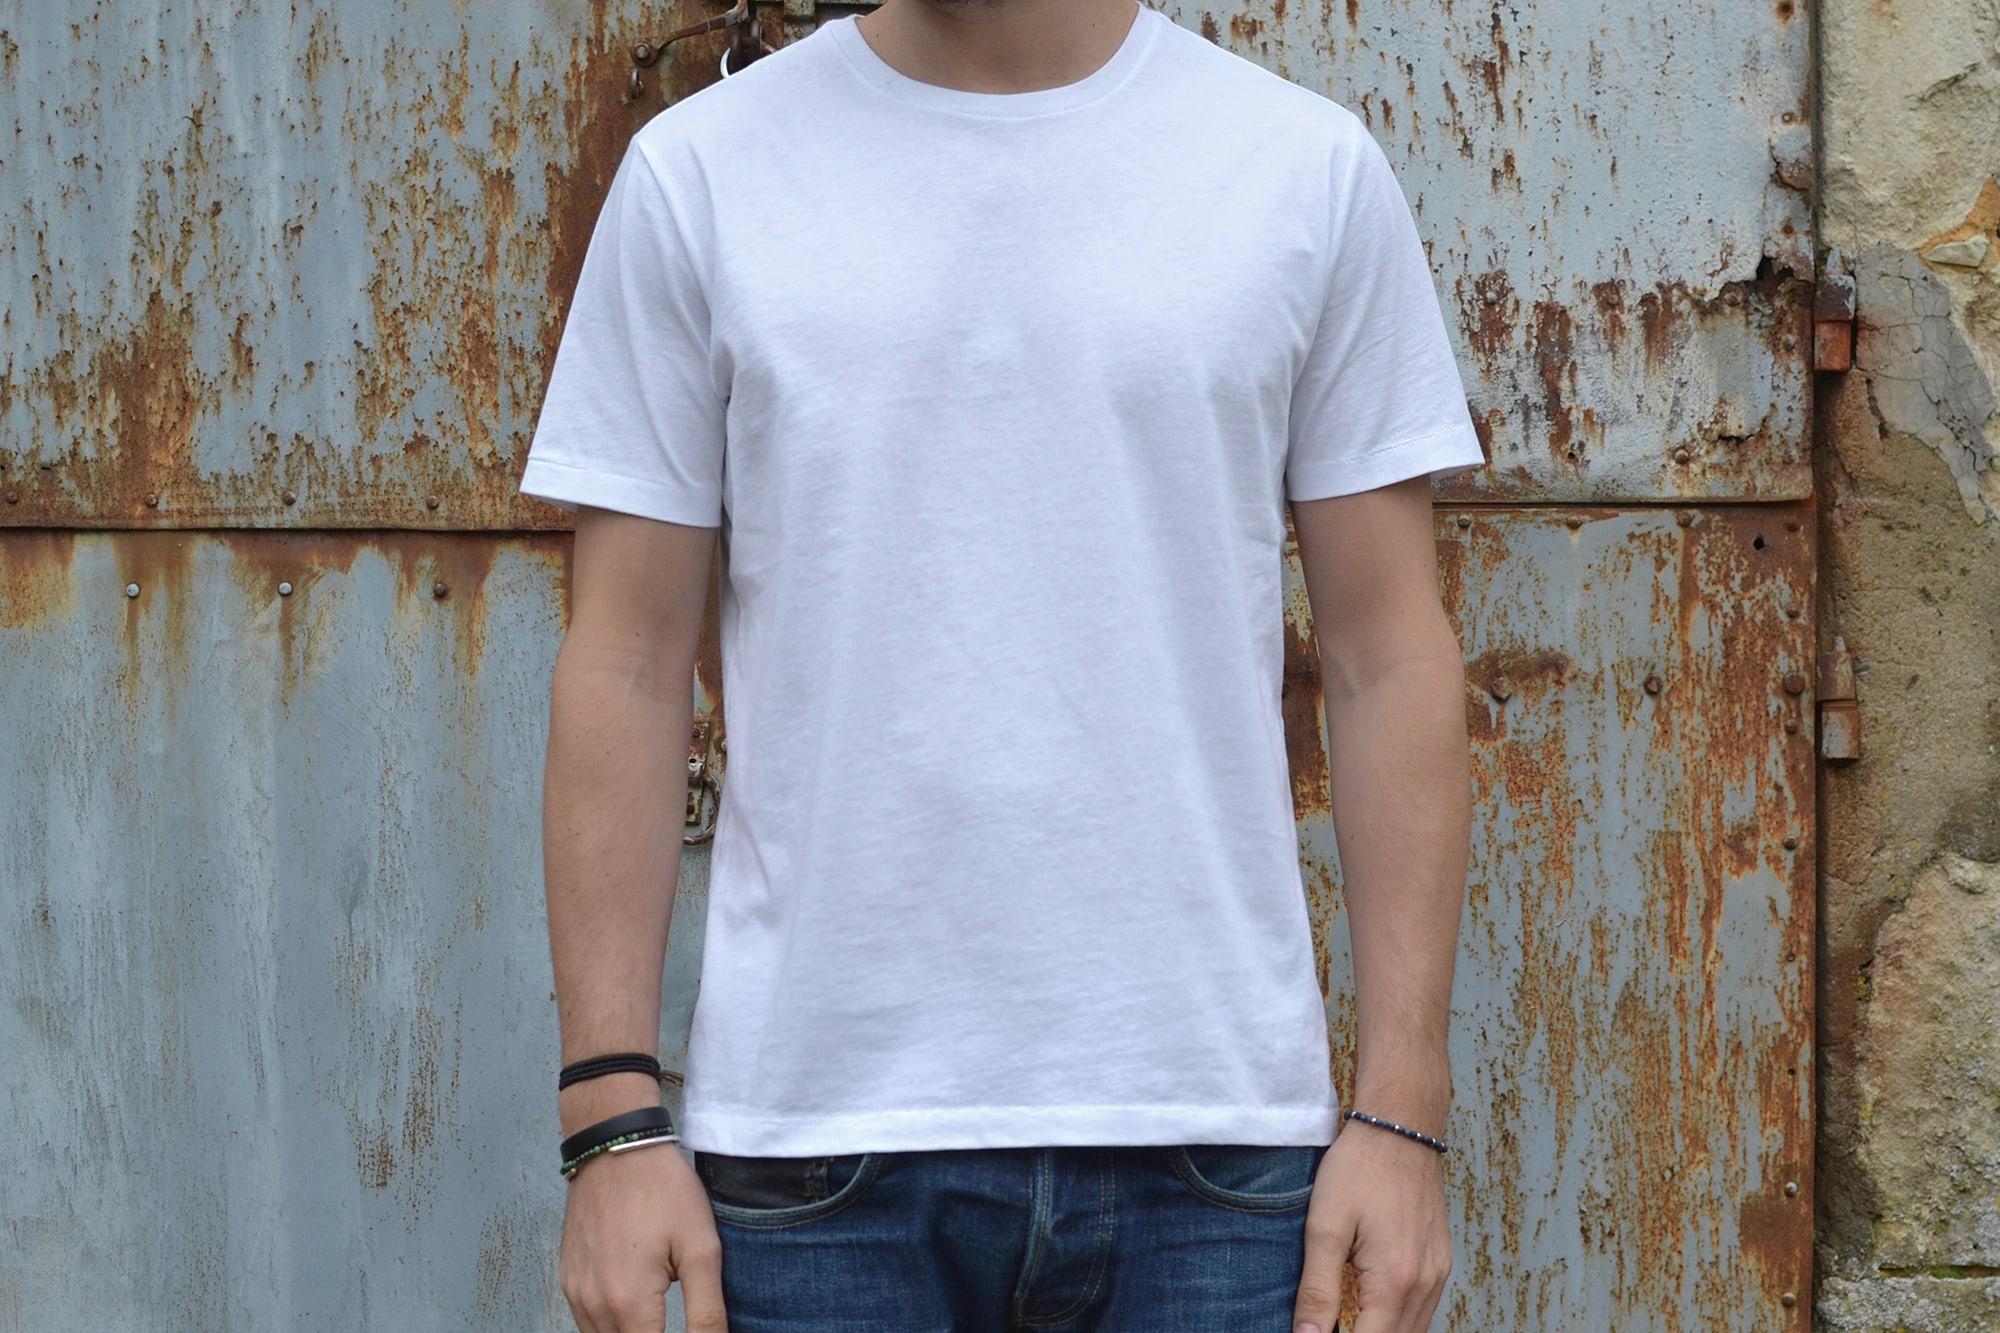 GAP un bon choix de tee shirt basique blanc pour un homme